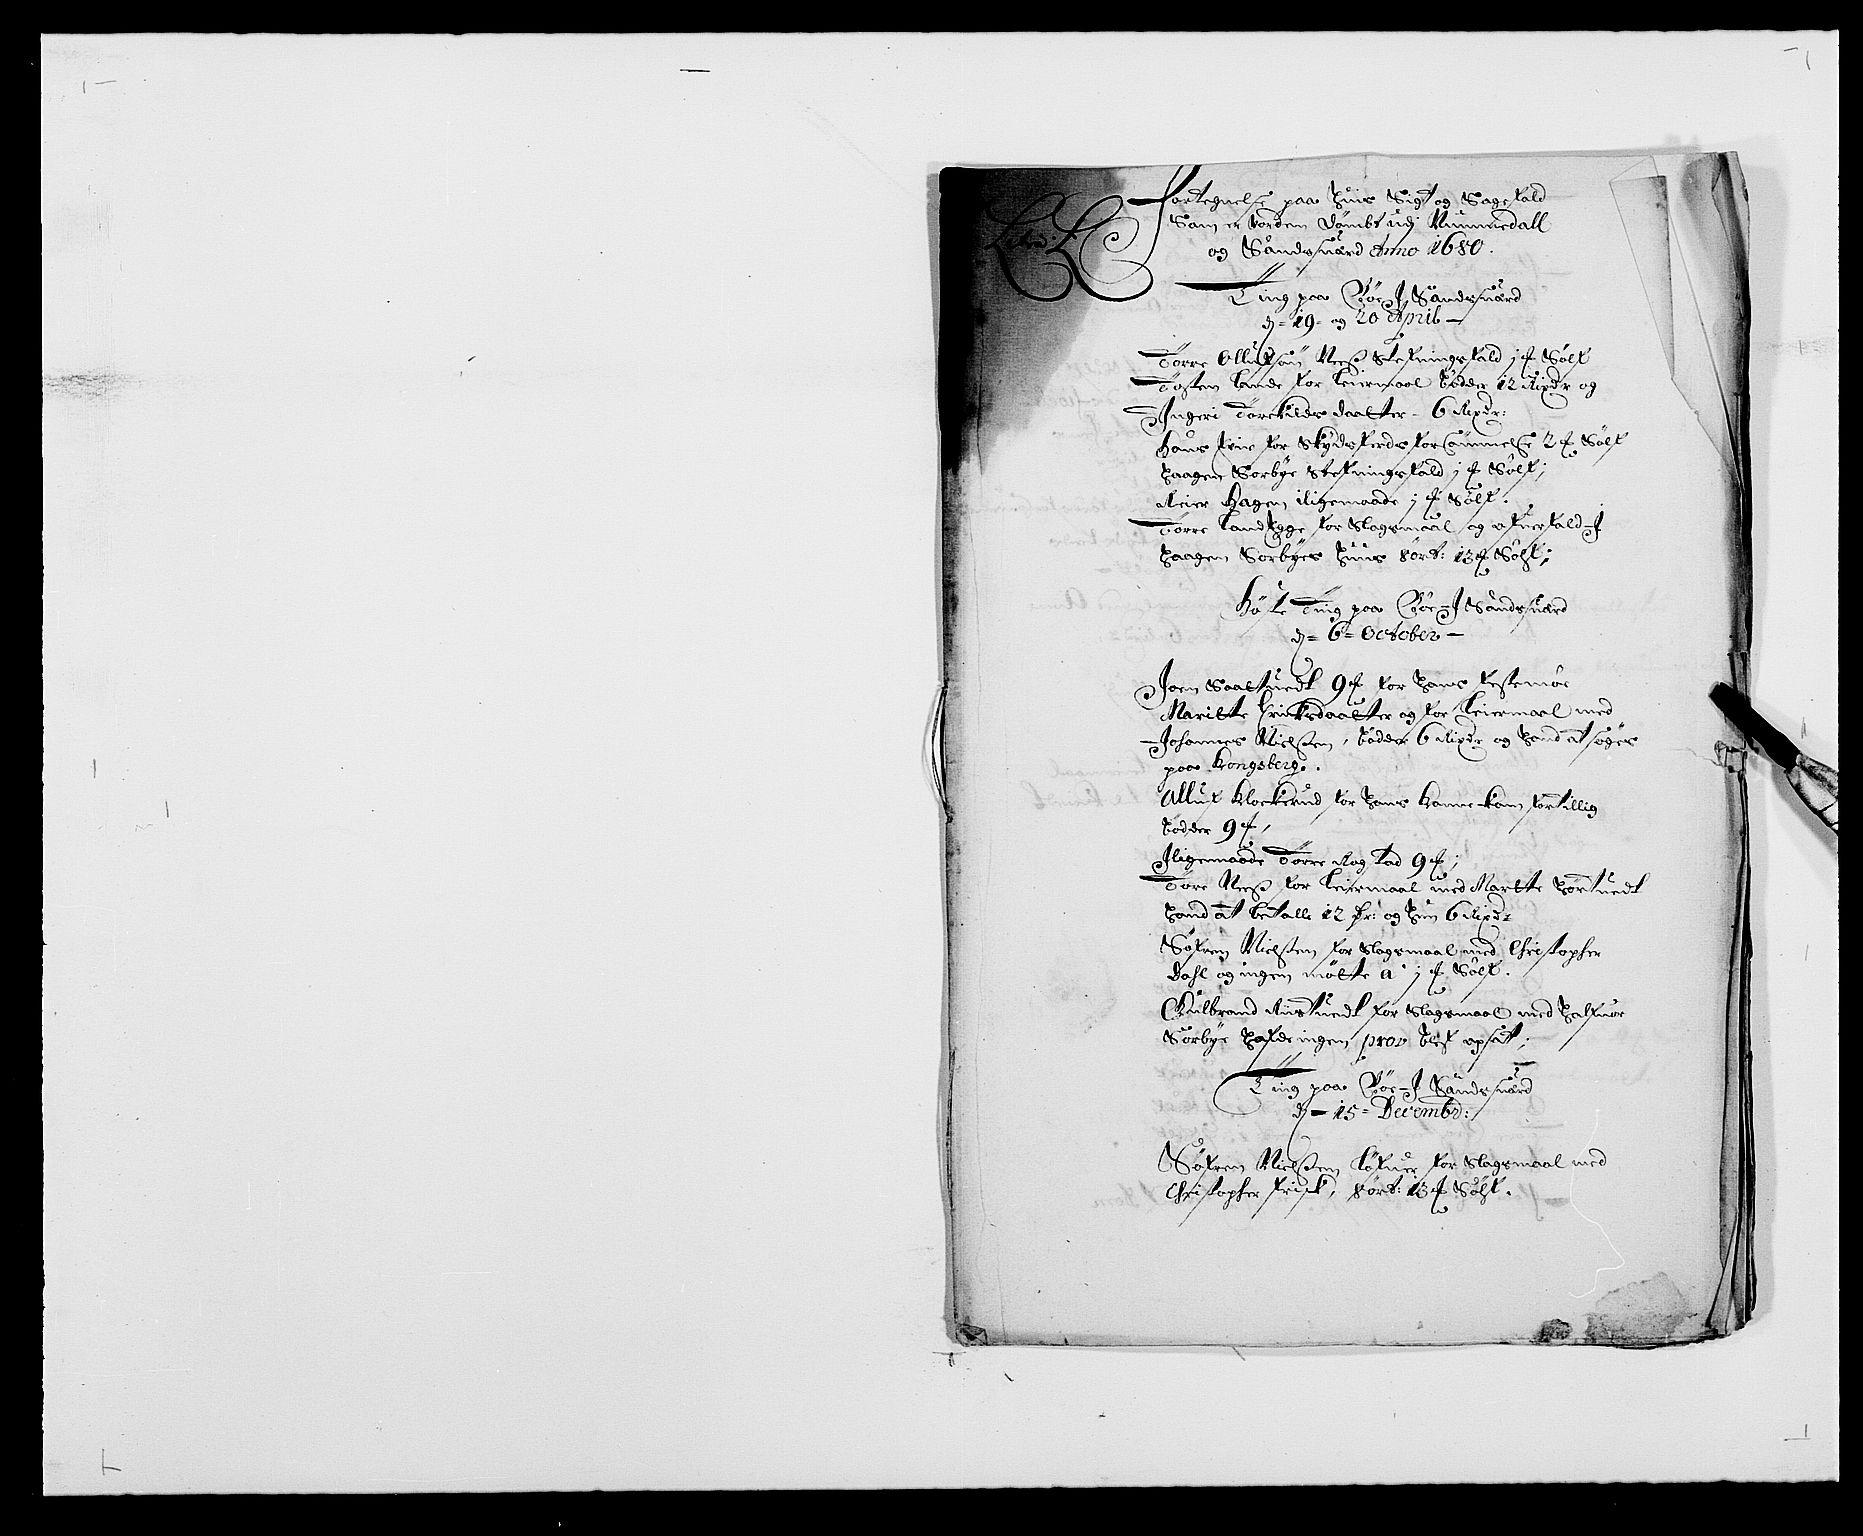 RA, Rentekammeret inntil 1814, Reviderte regnskaper, Fogderegnskap, R24/L1569: Fogderegnskap Numedal og Sandsvær, 1679-1686, s. 167